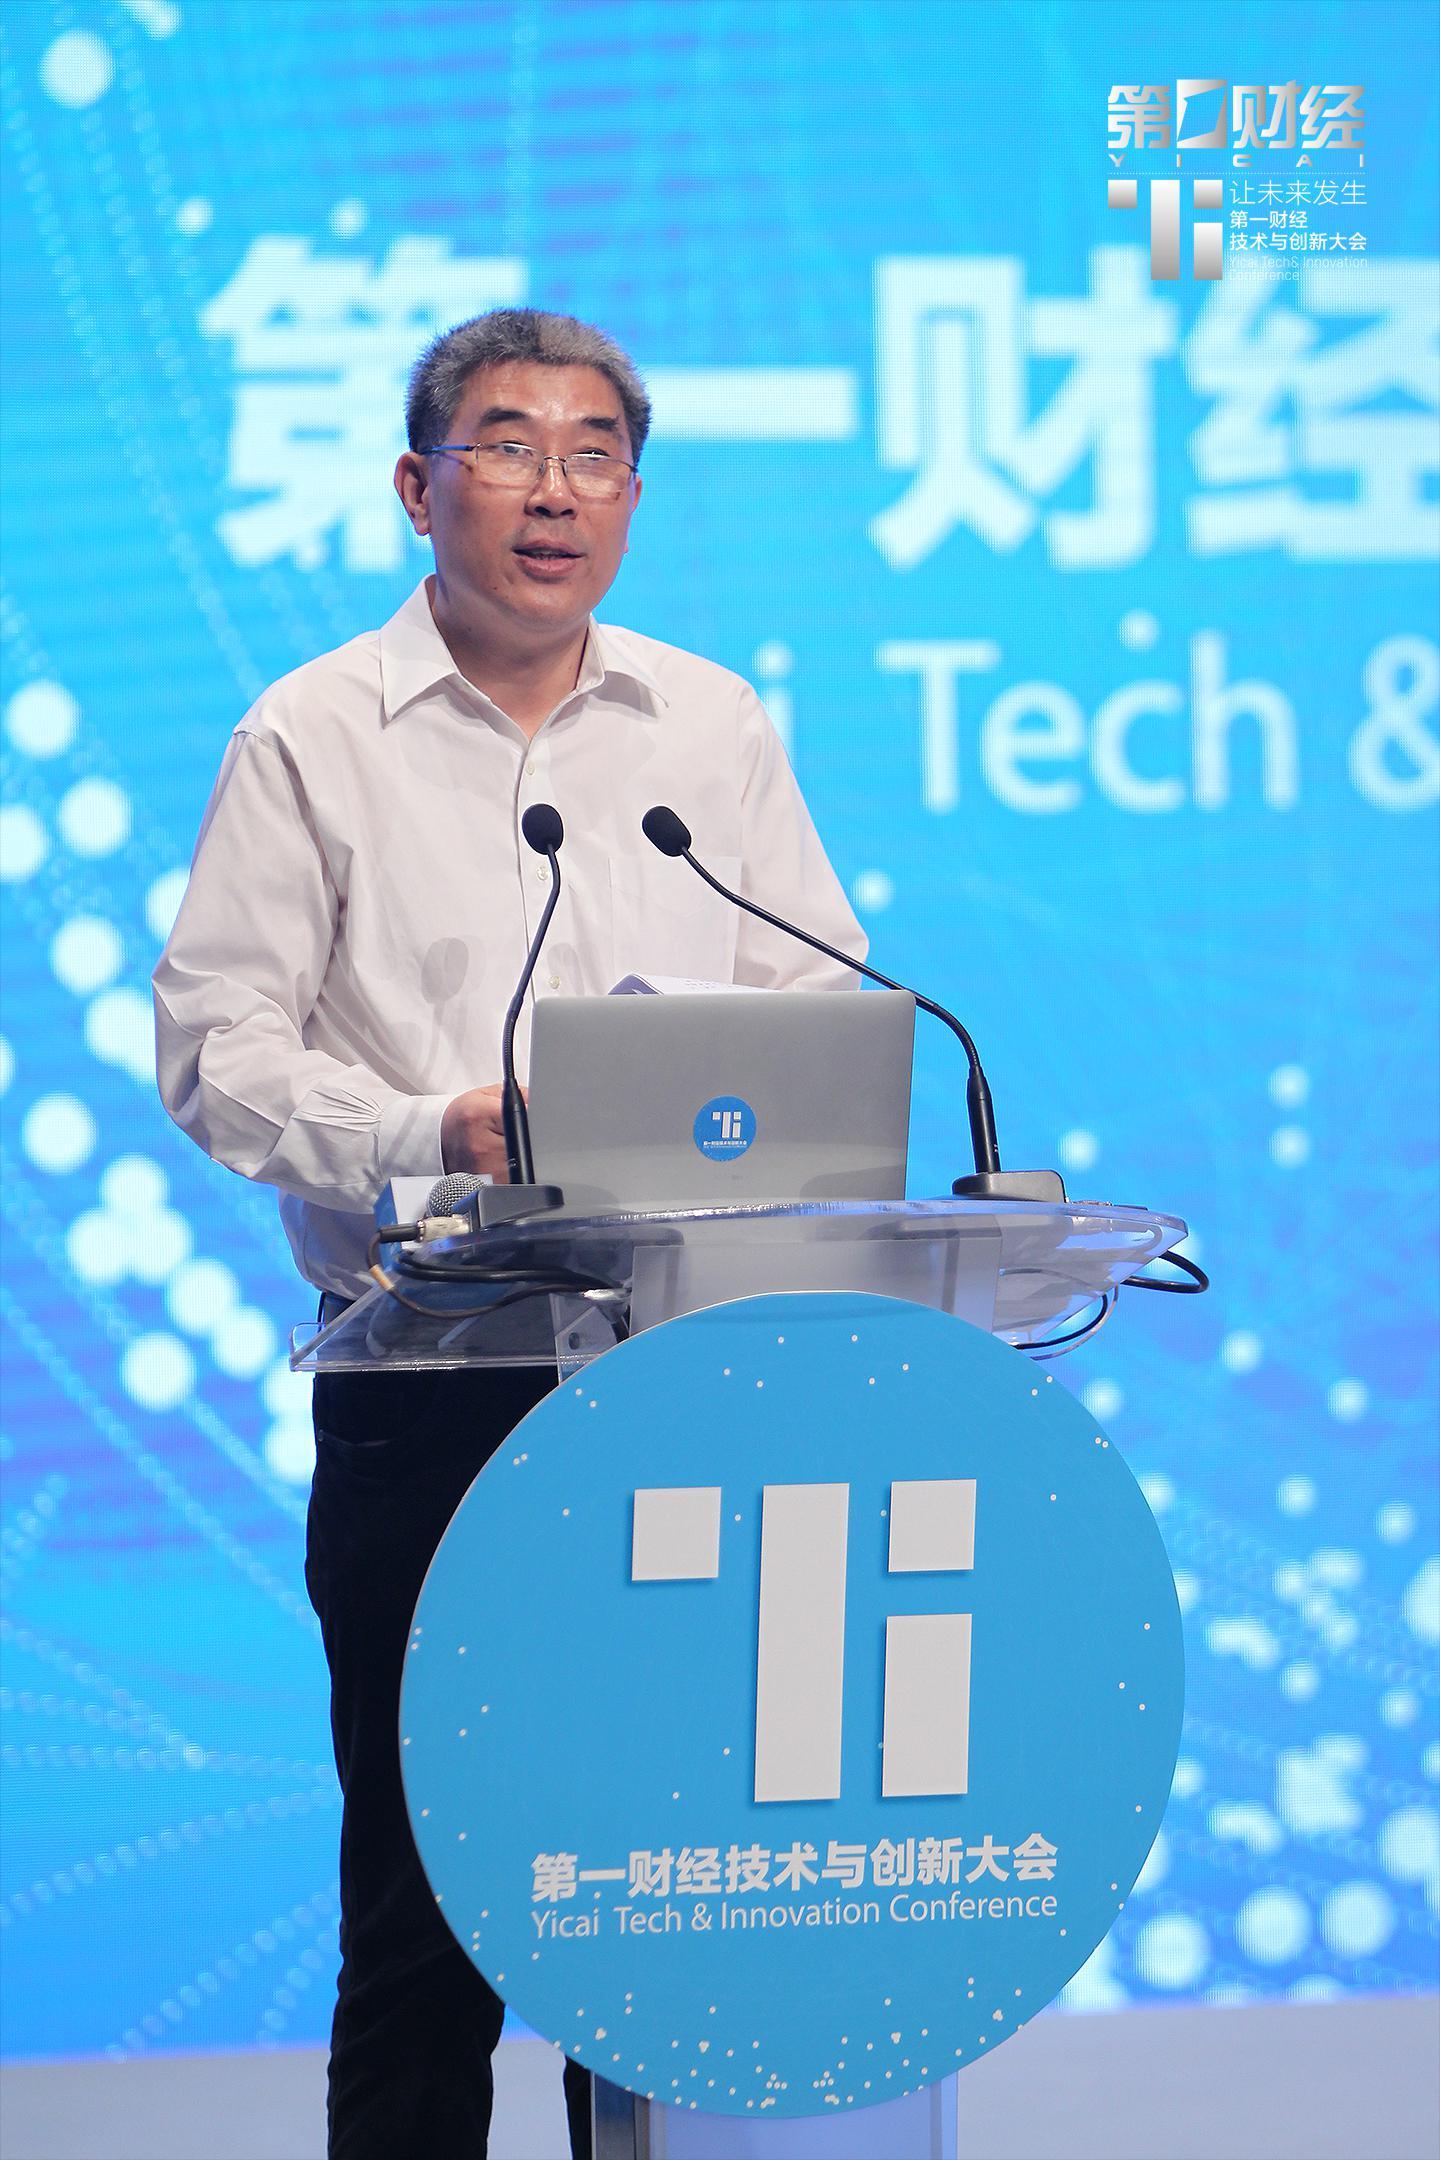 工信部支持创建上海(浦东新区)人工智能创新应用先导区